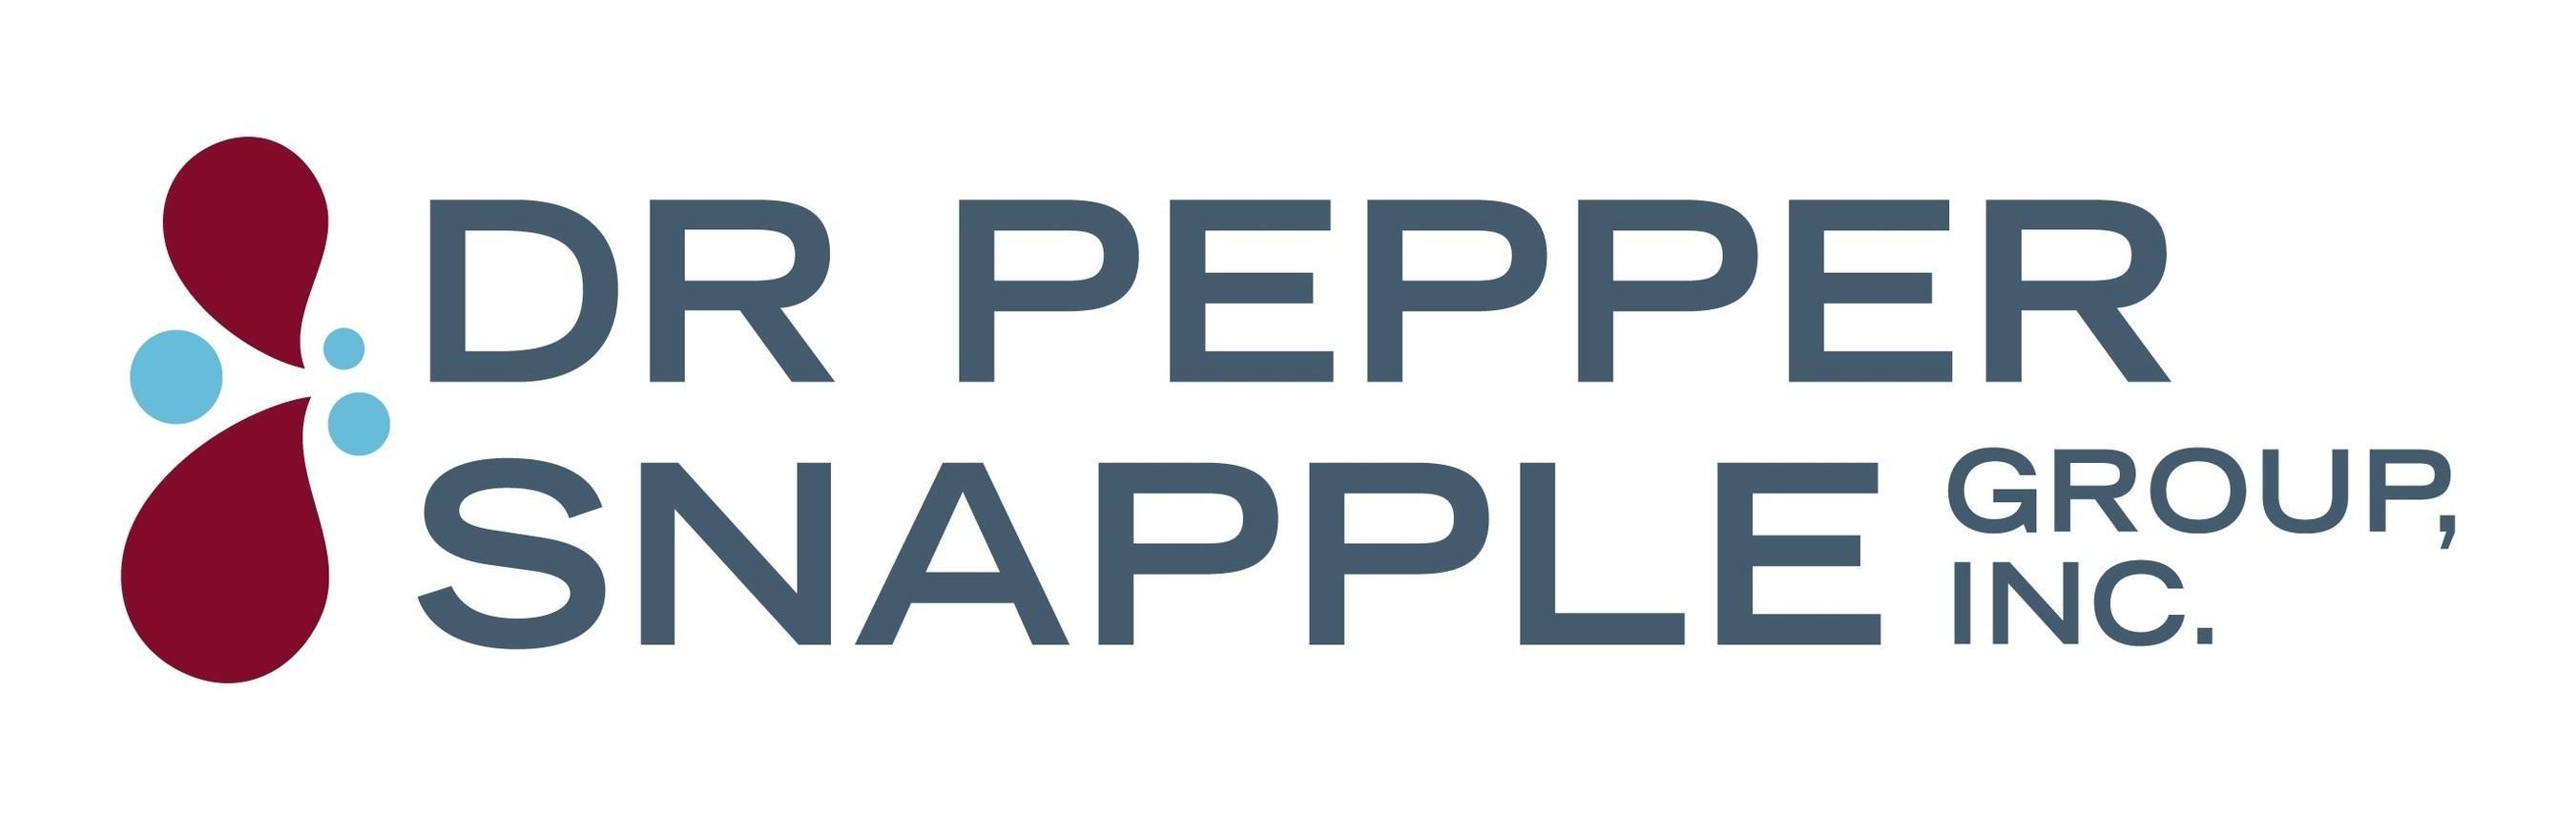 Dr Pepper Snapple Group, Inc. Logo